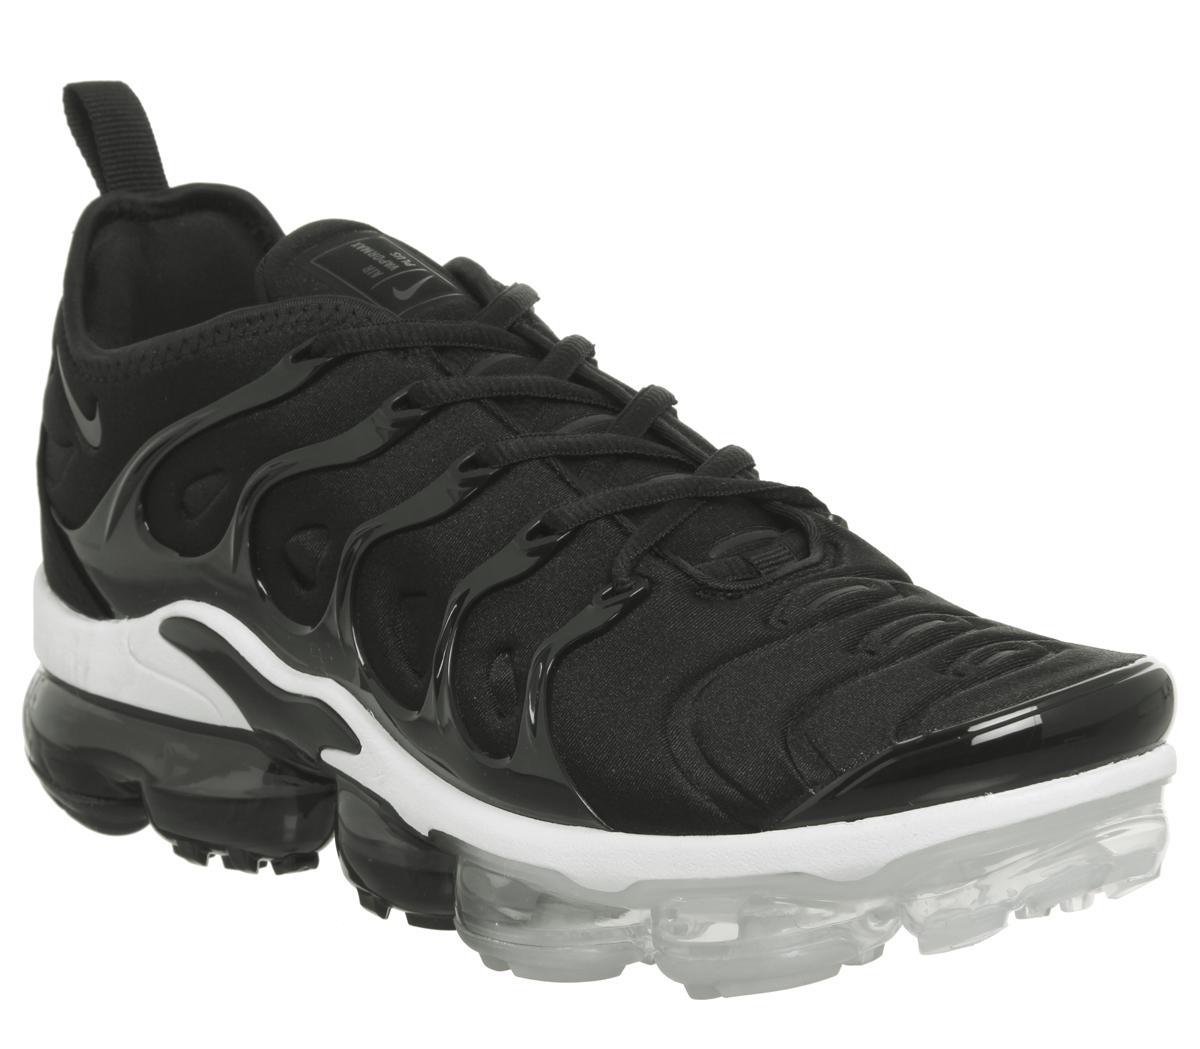 دورة ستيفنسون التباس Nike Air Vapormax Plus Black And White Cabuildingbridges Org